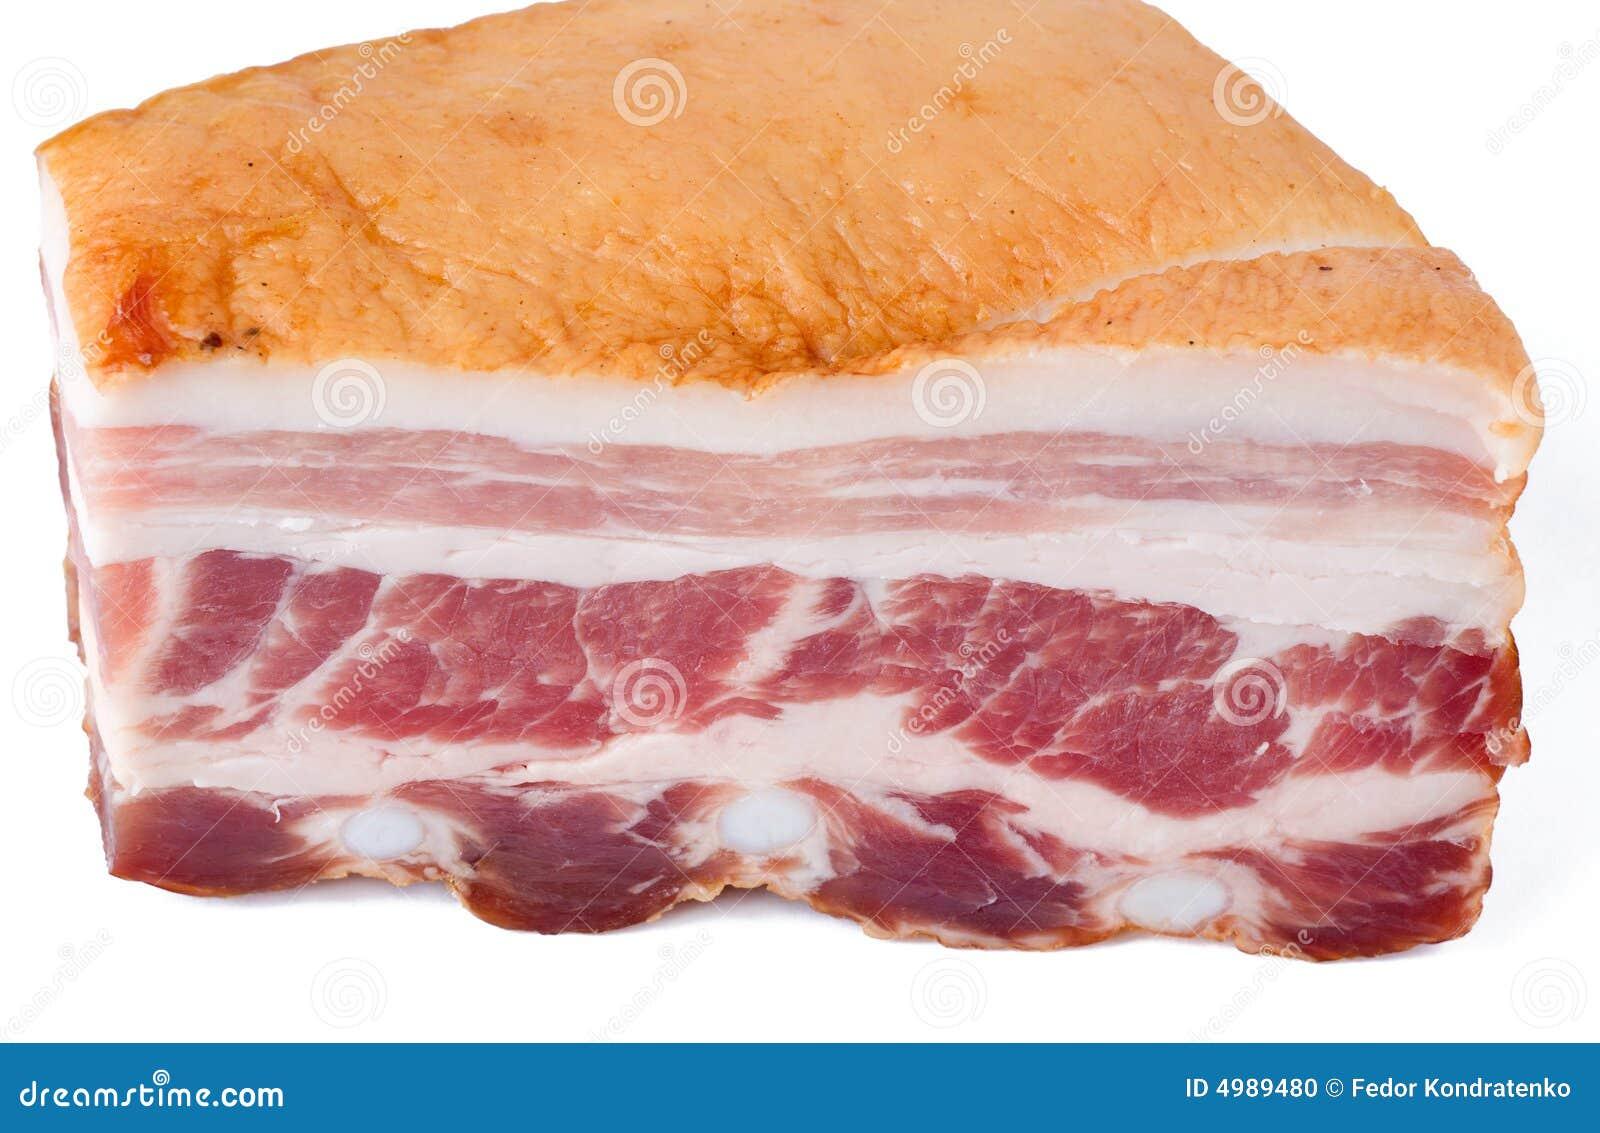 Baconstycket rökte